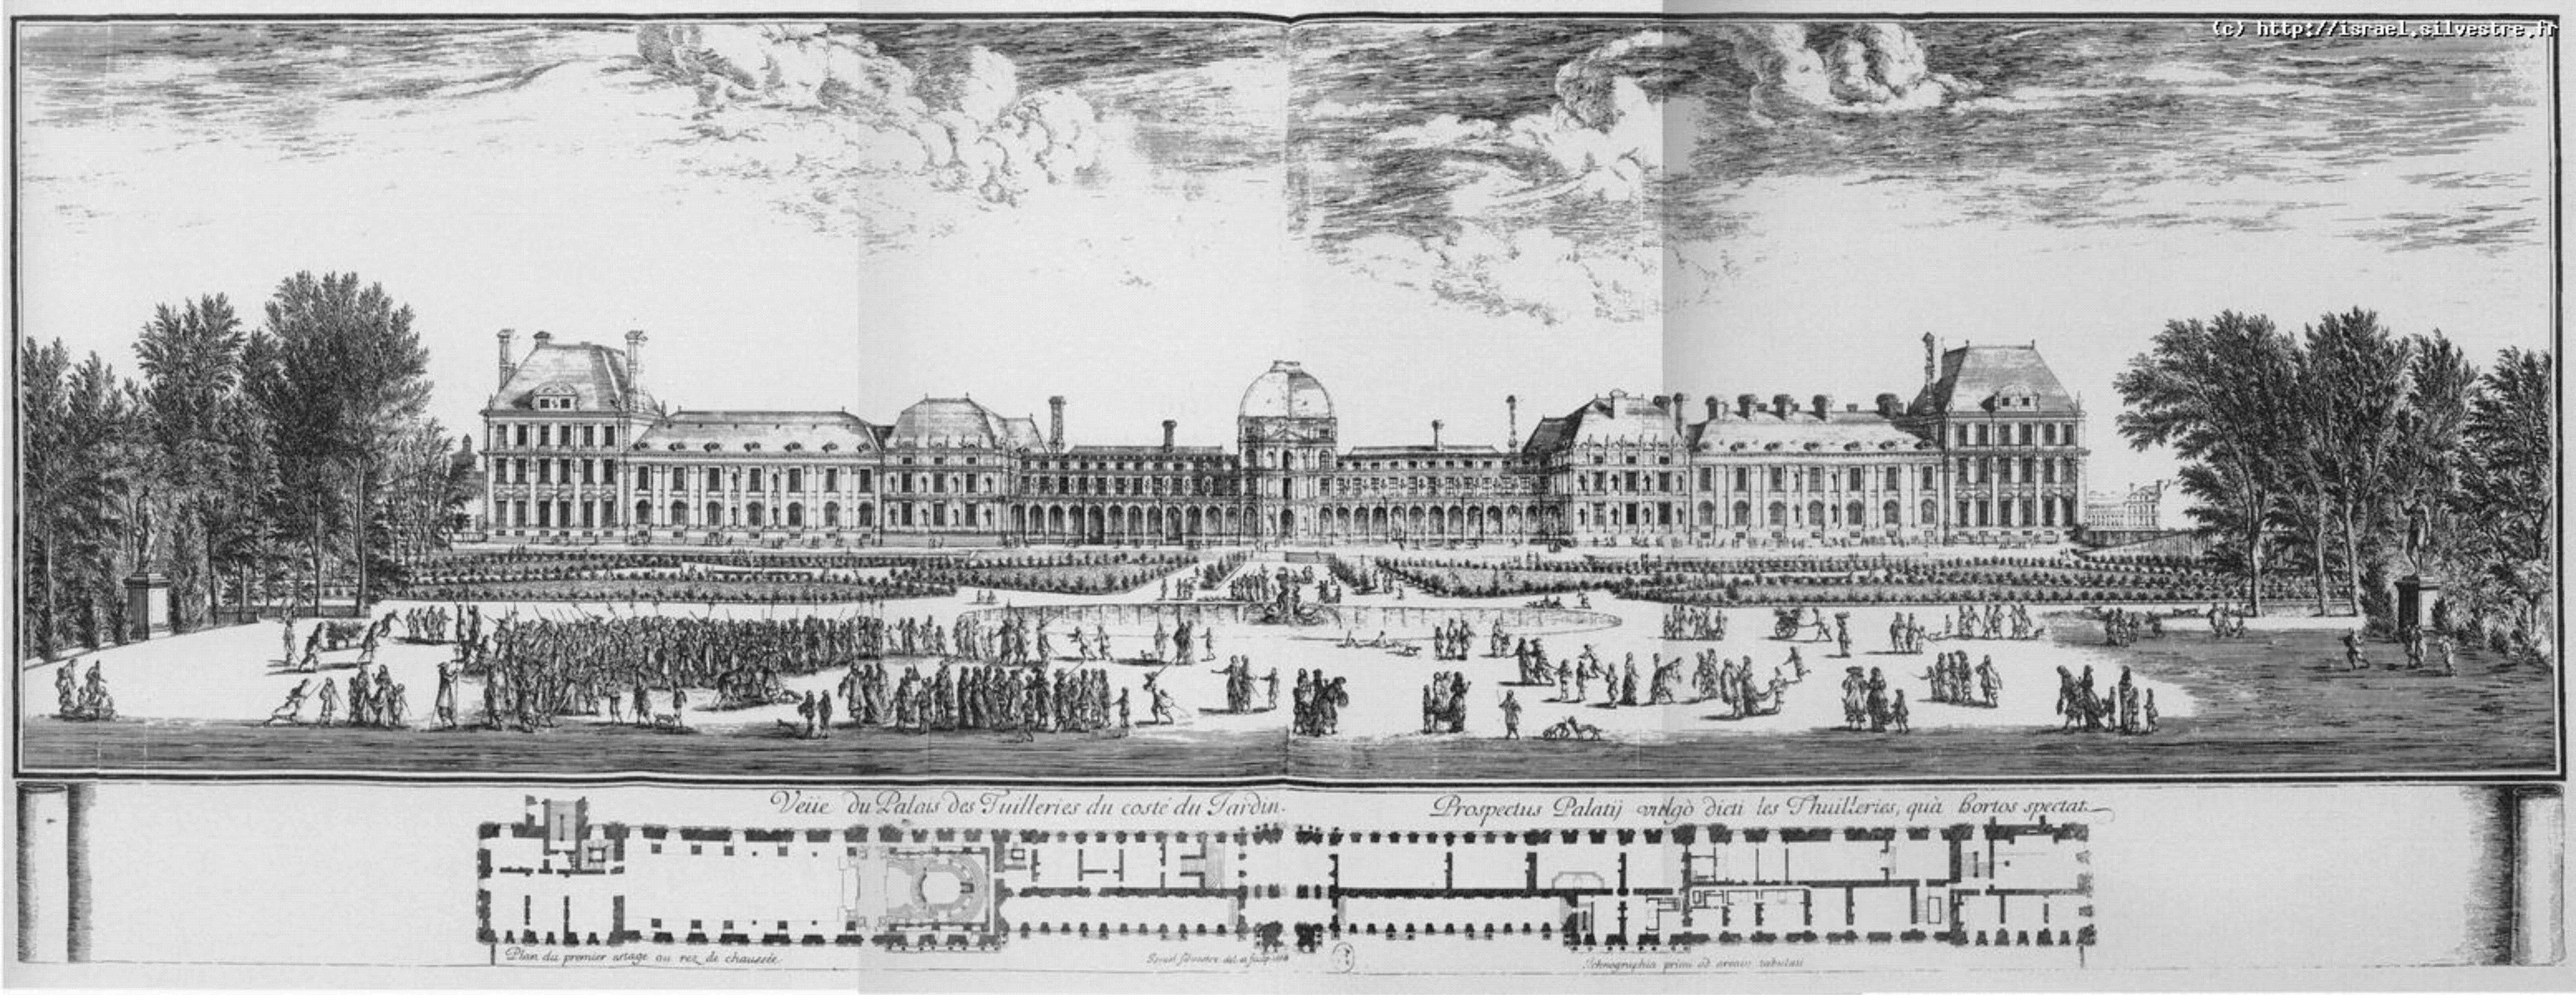 Le Louvre Et Les Tuileries Atlas Historique De Paris